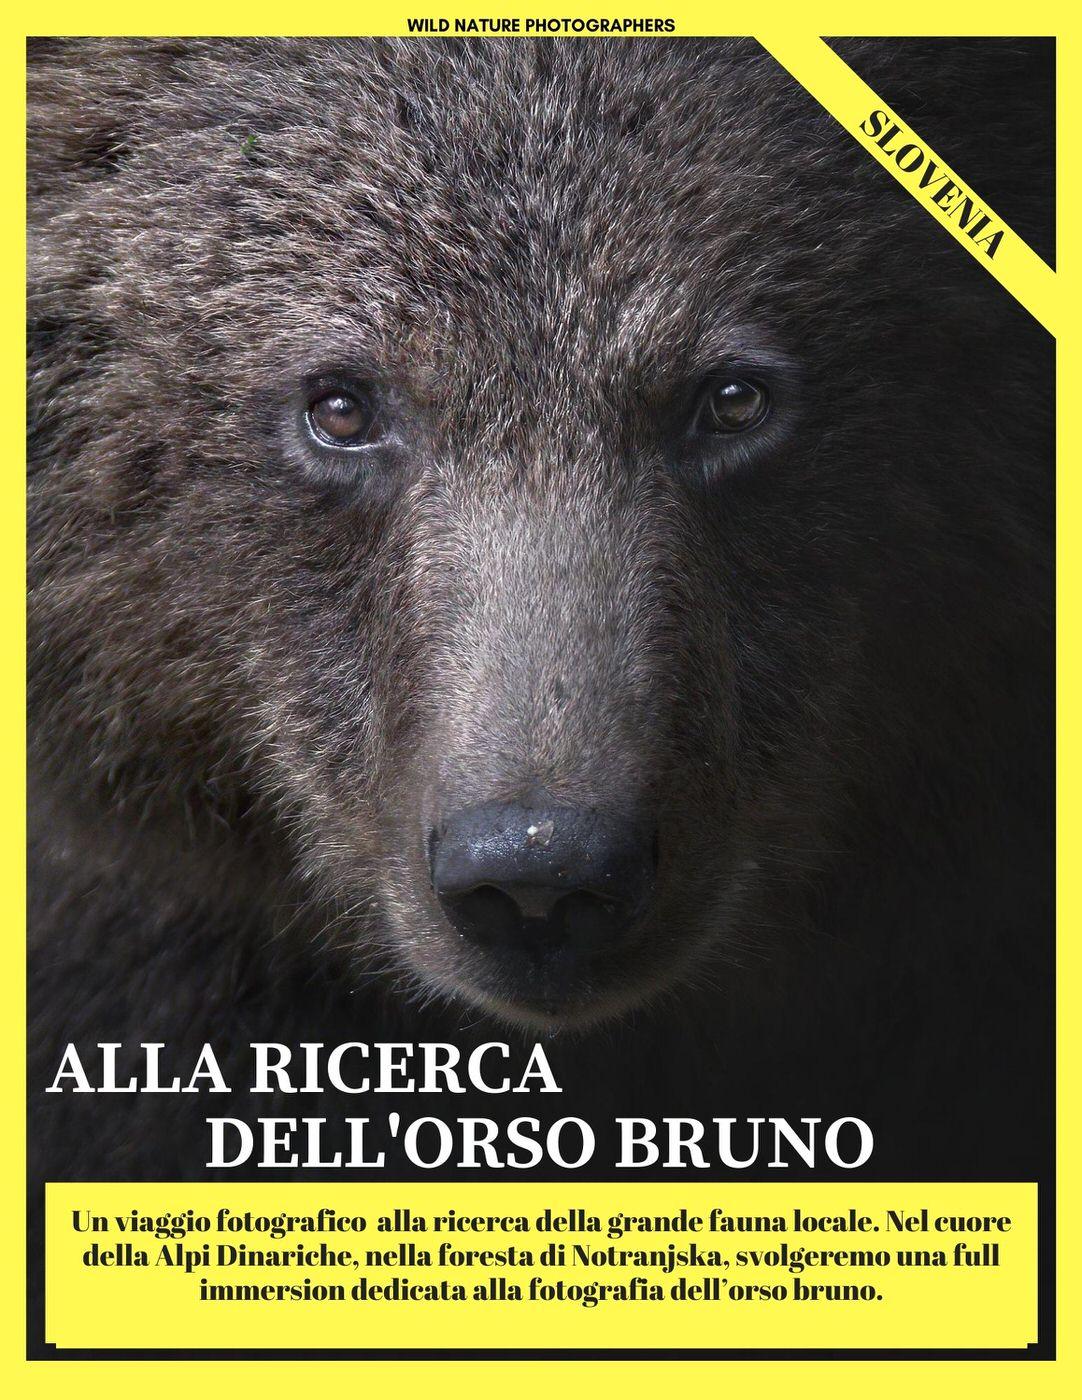 viaggio fotografico orso bruno slovenia